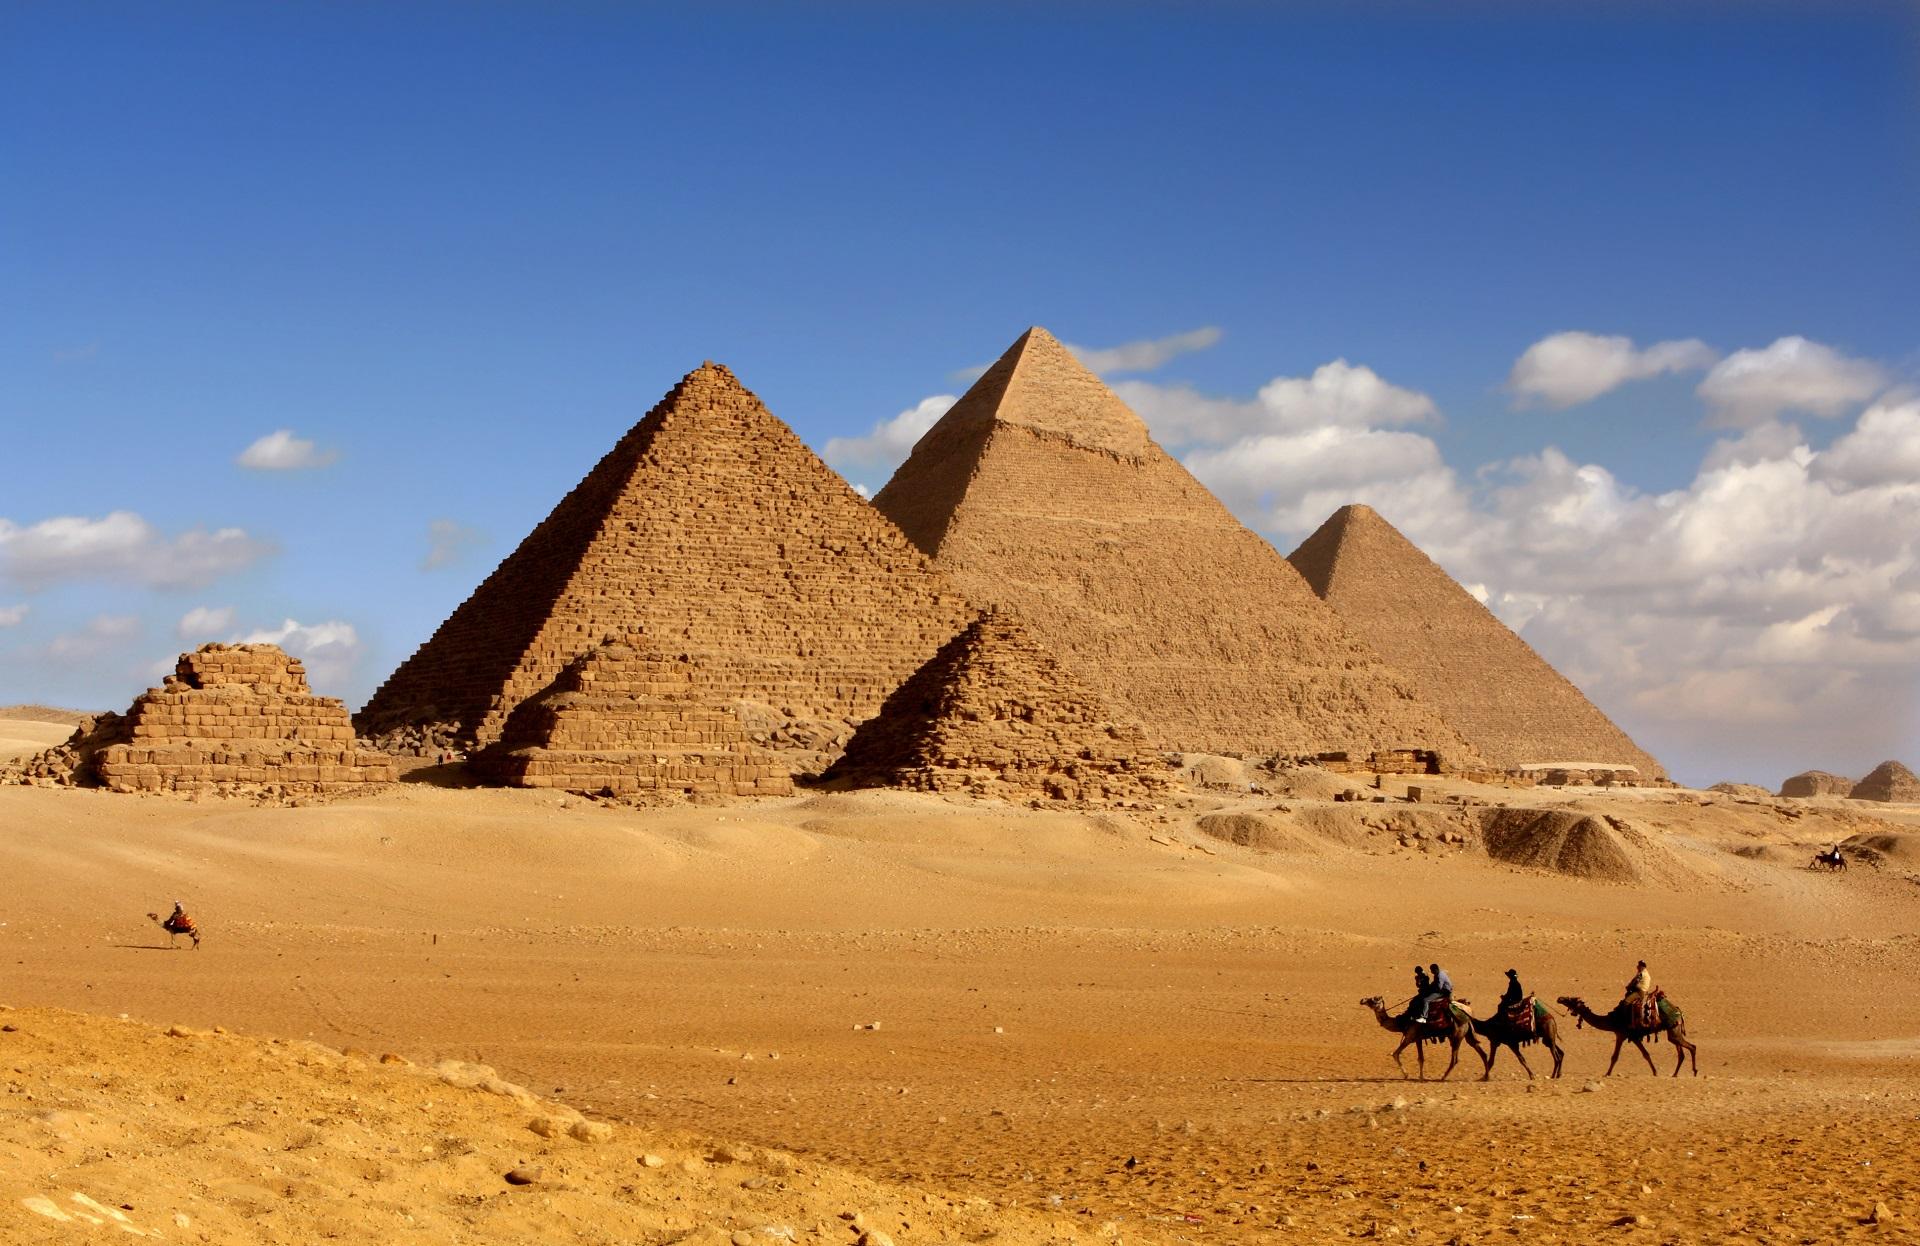 Bildergebnis für pyramiden von gizeh